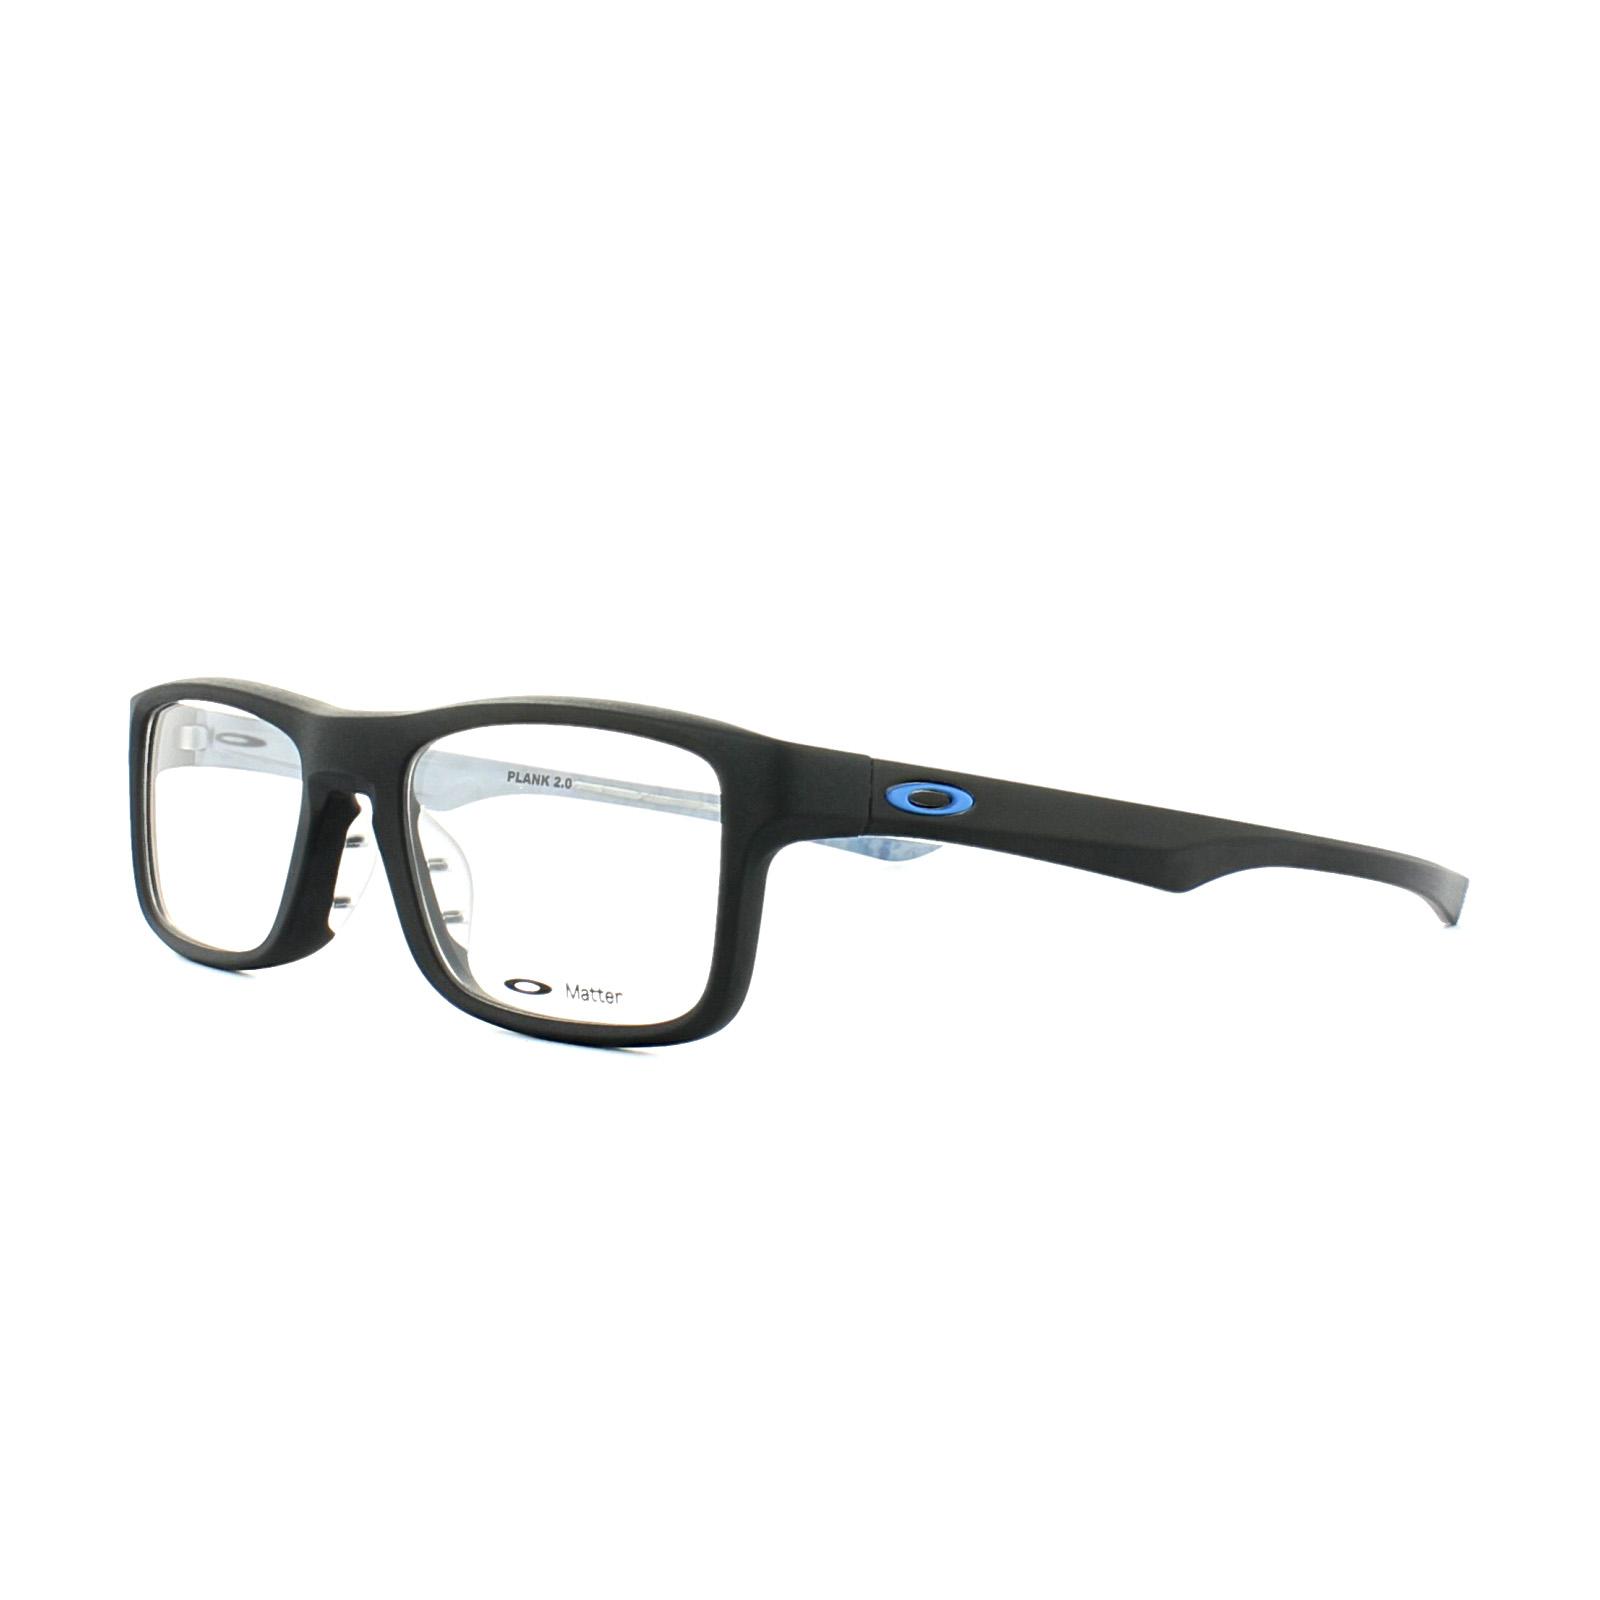 25f75bd760 Details about Oakley Glasses Frames Plank 2.0 OX8081-01 Satin Black 51mm